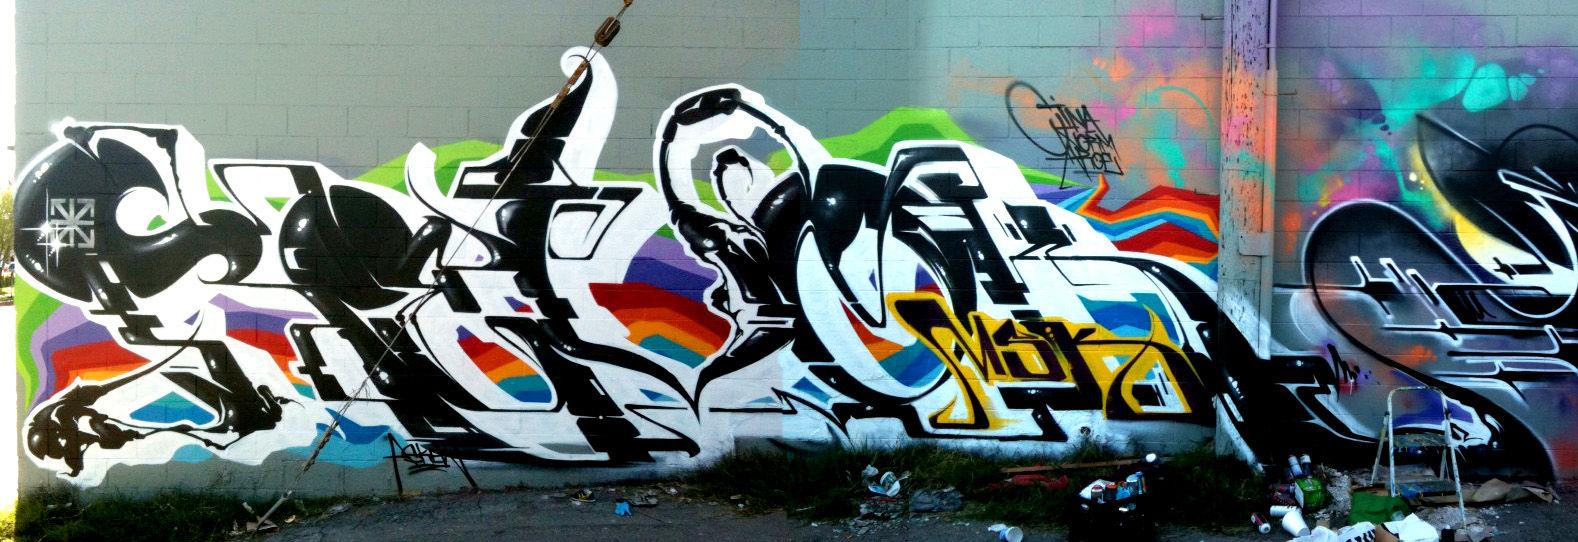 Artwork By Revok in Los Angeles